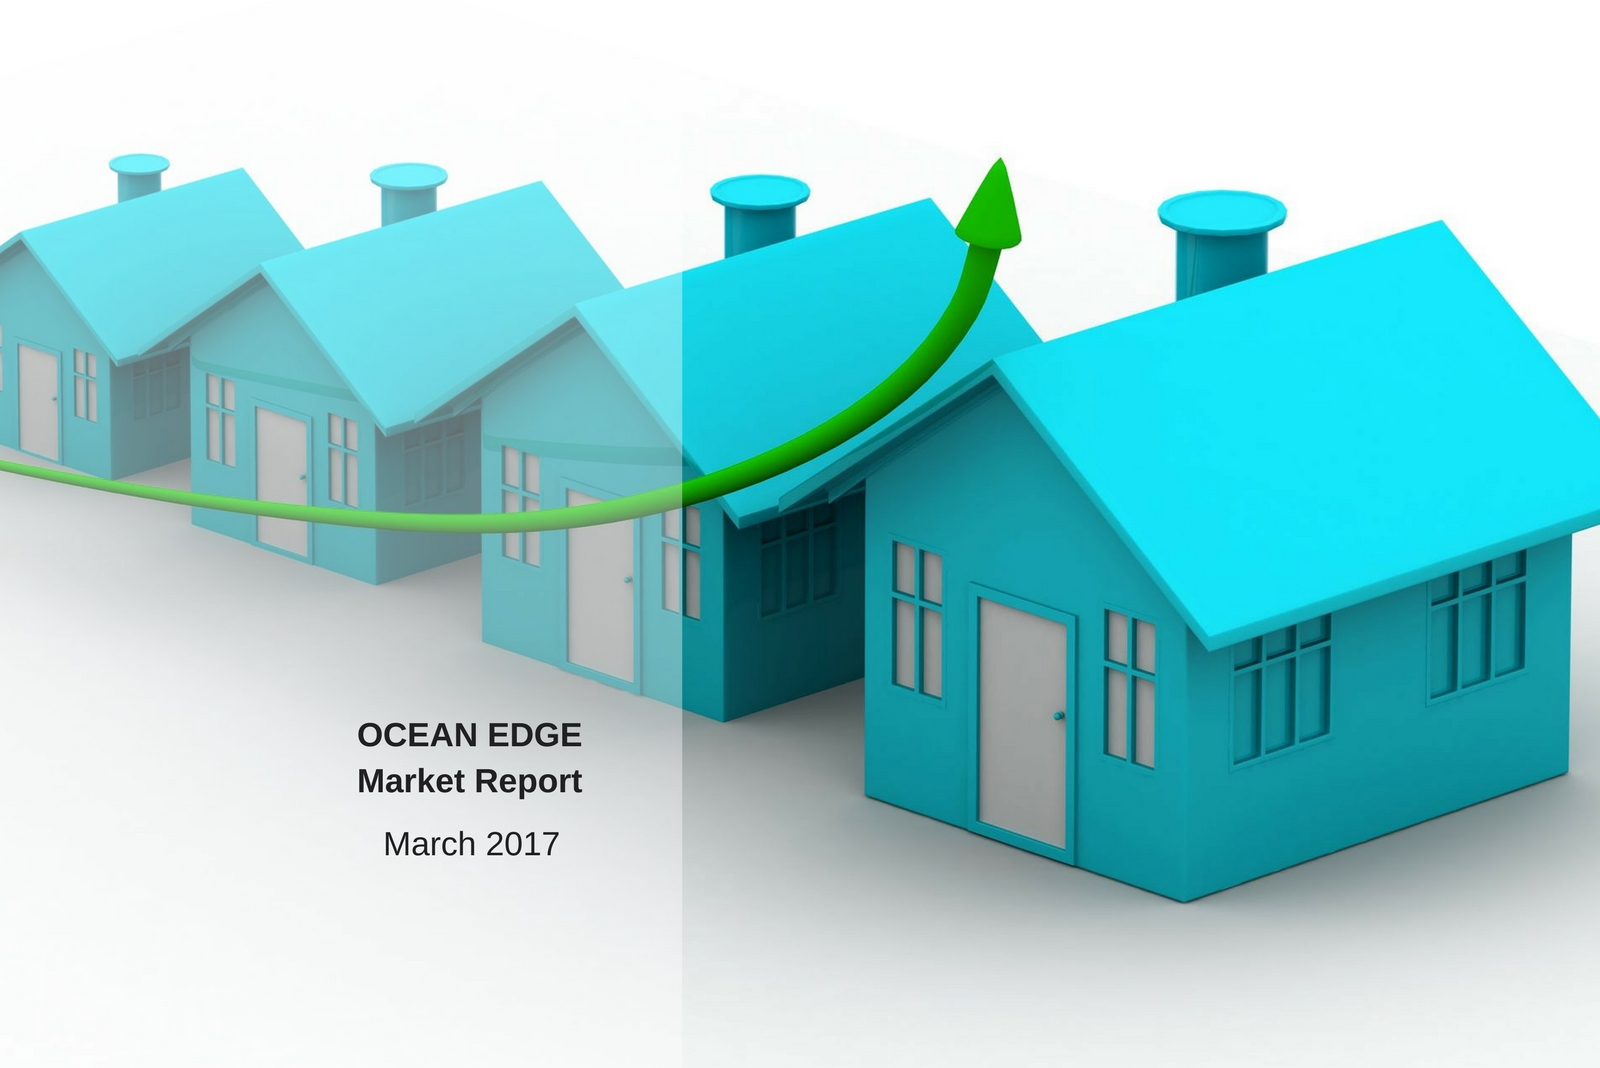 Ocean Edge Market Report March 2017